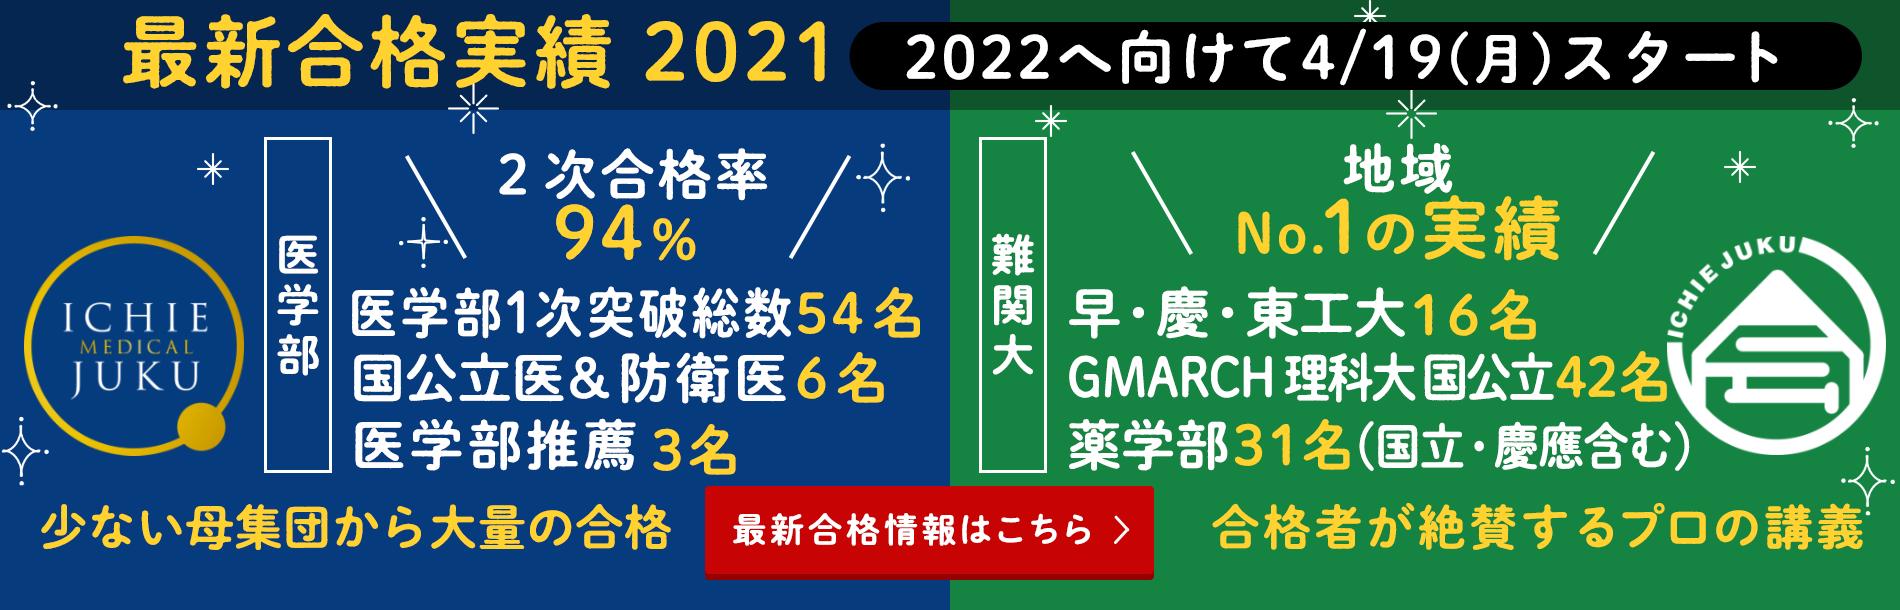 最新合格実績2021